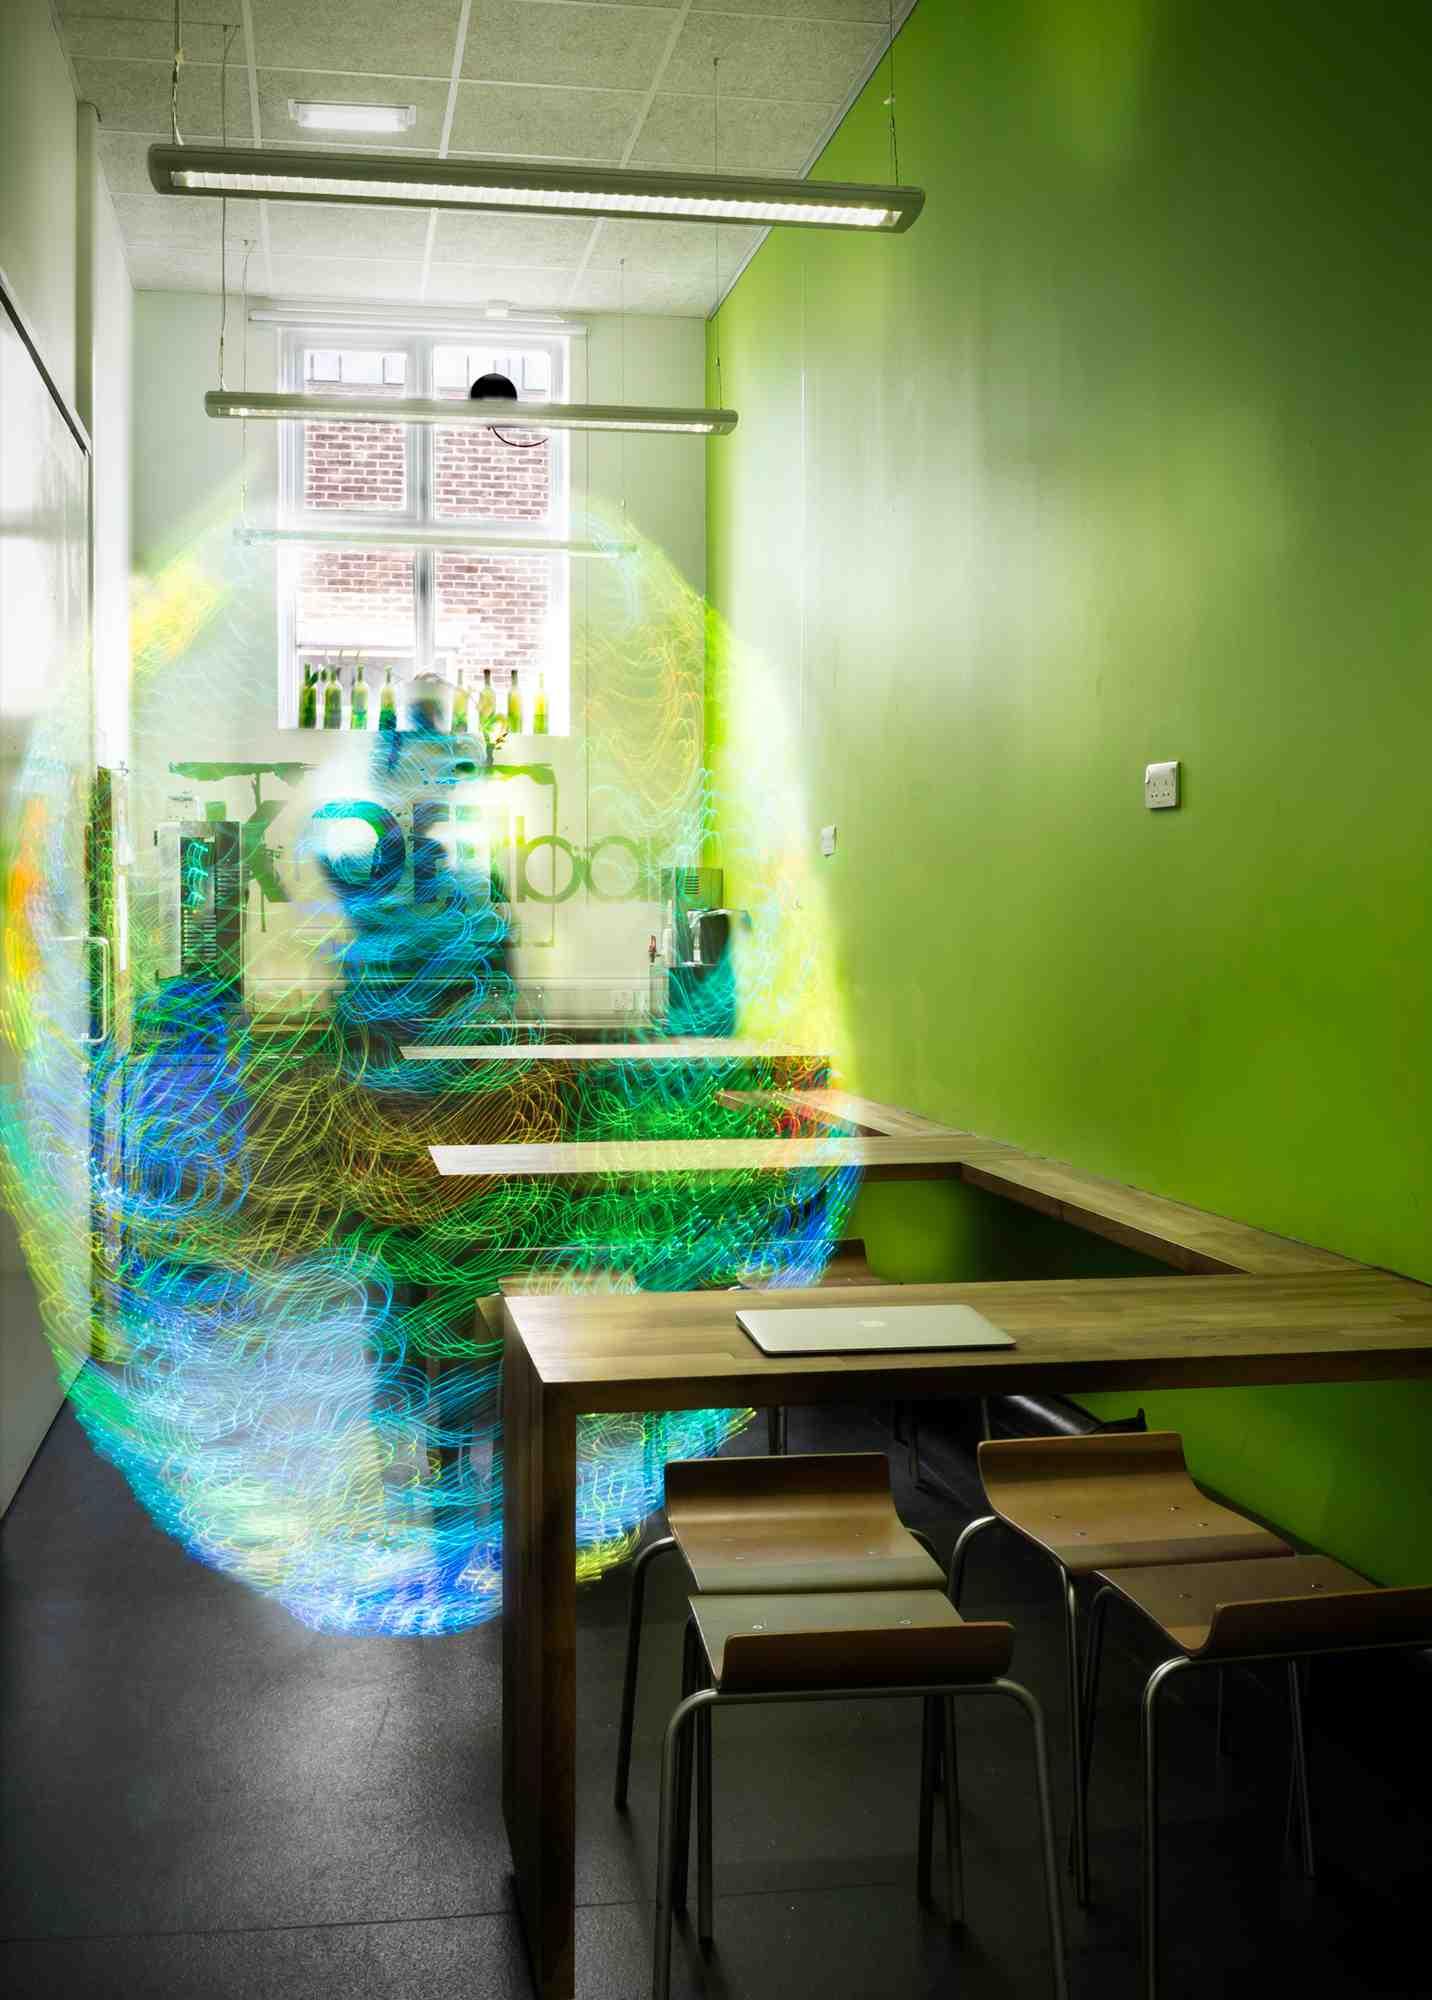 Wifi radiation image in coffee bar electricsense